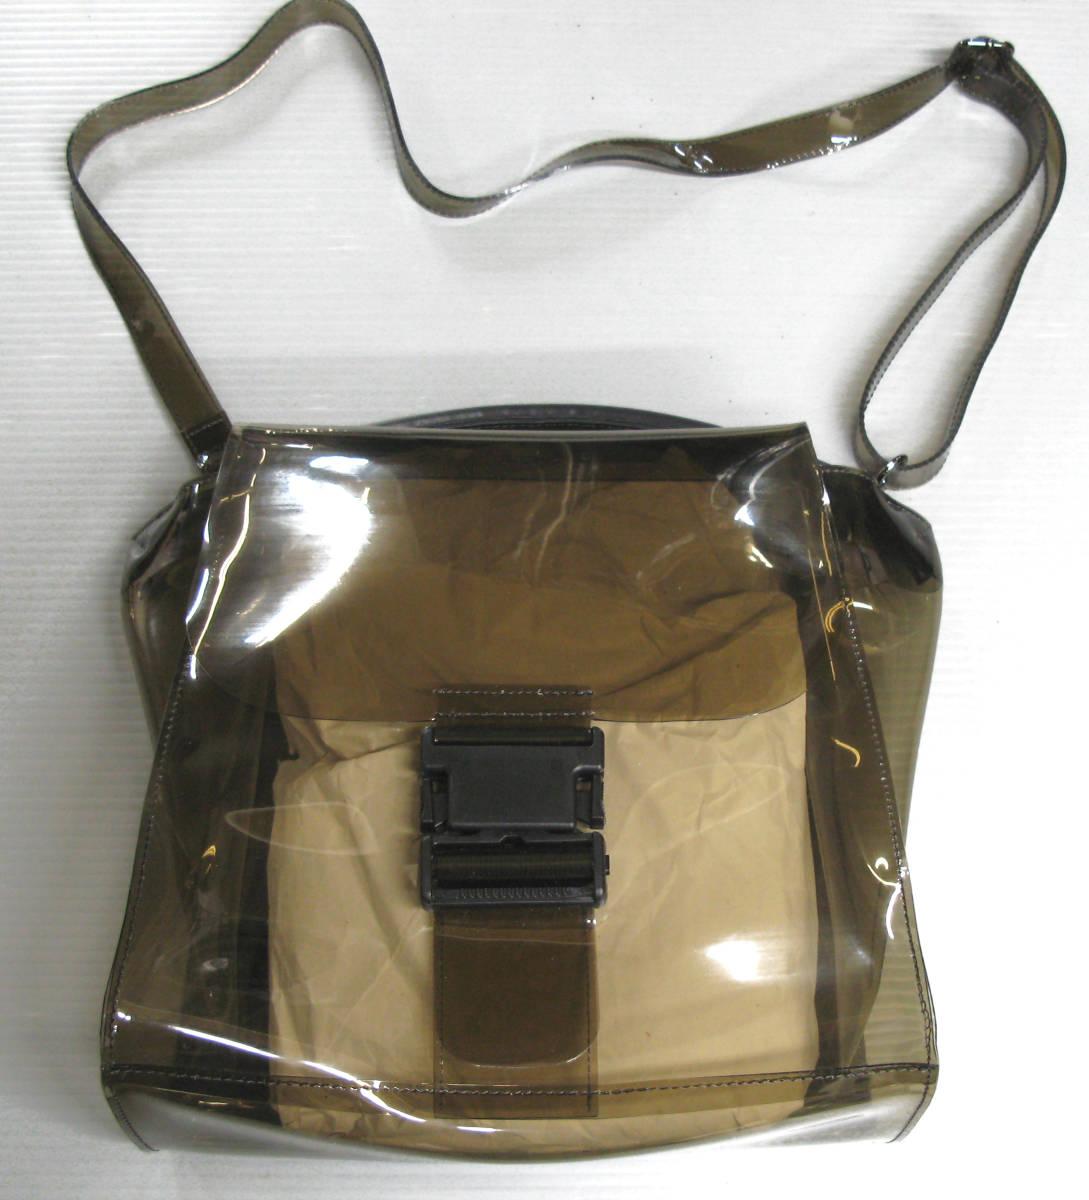 ズッカ ZUCCA*ビニール ショルダー バッグ ( 2WAYバッグ クリアバッグ キャンディバッグ バックルバッグ bag_画像1